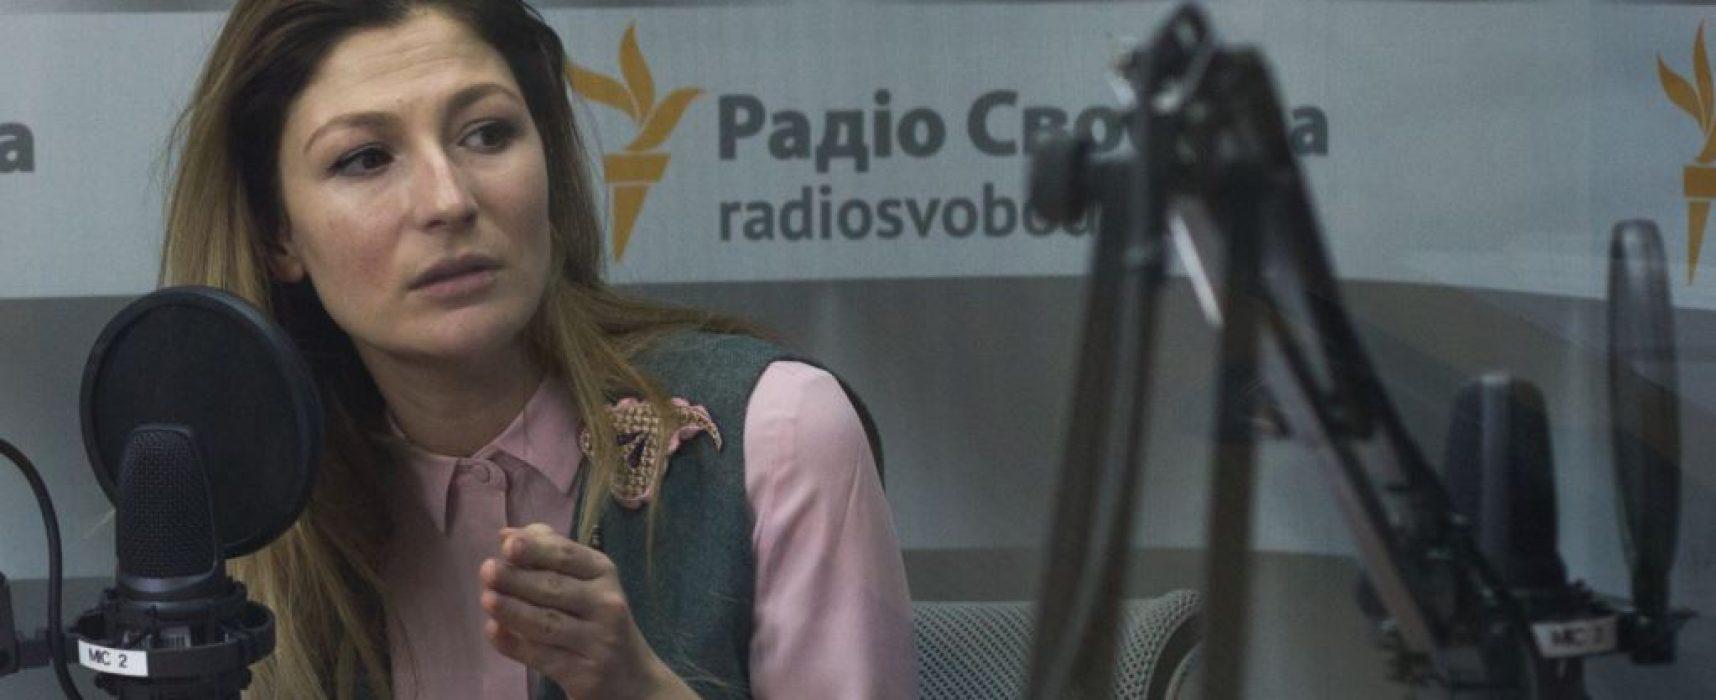 Эмине Джеппар: «Когда украинцы и крымские татары объединялись, они побеждали Москву»